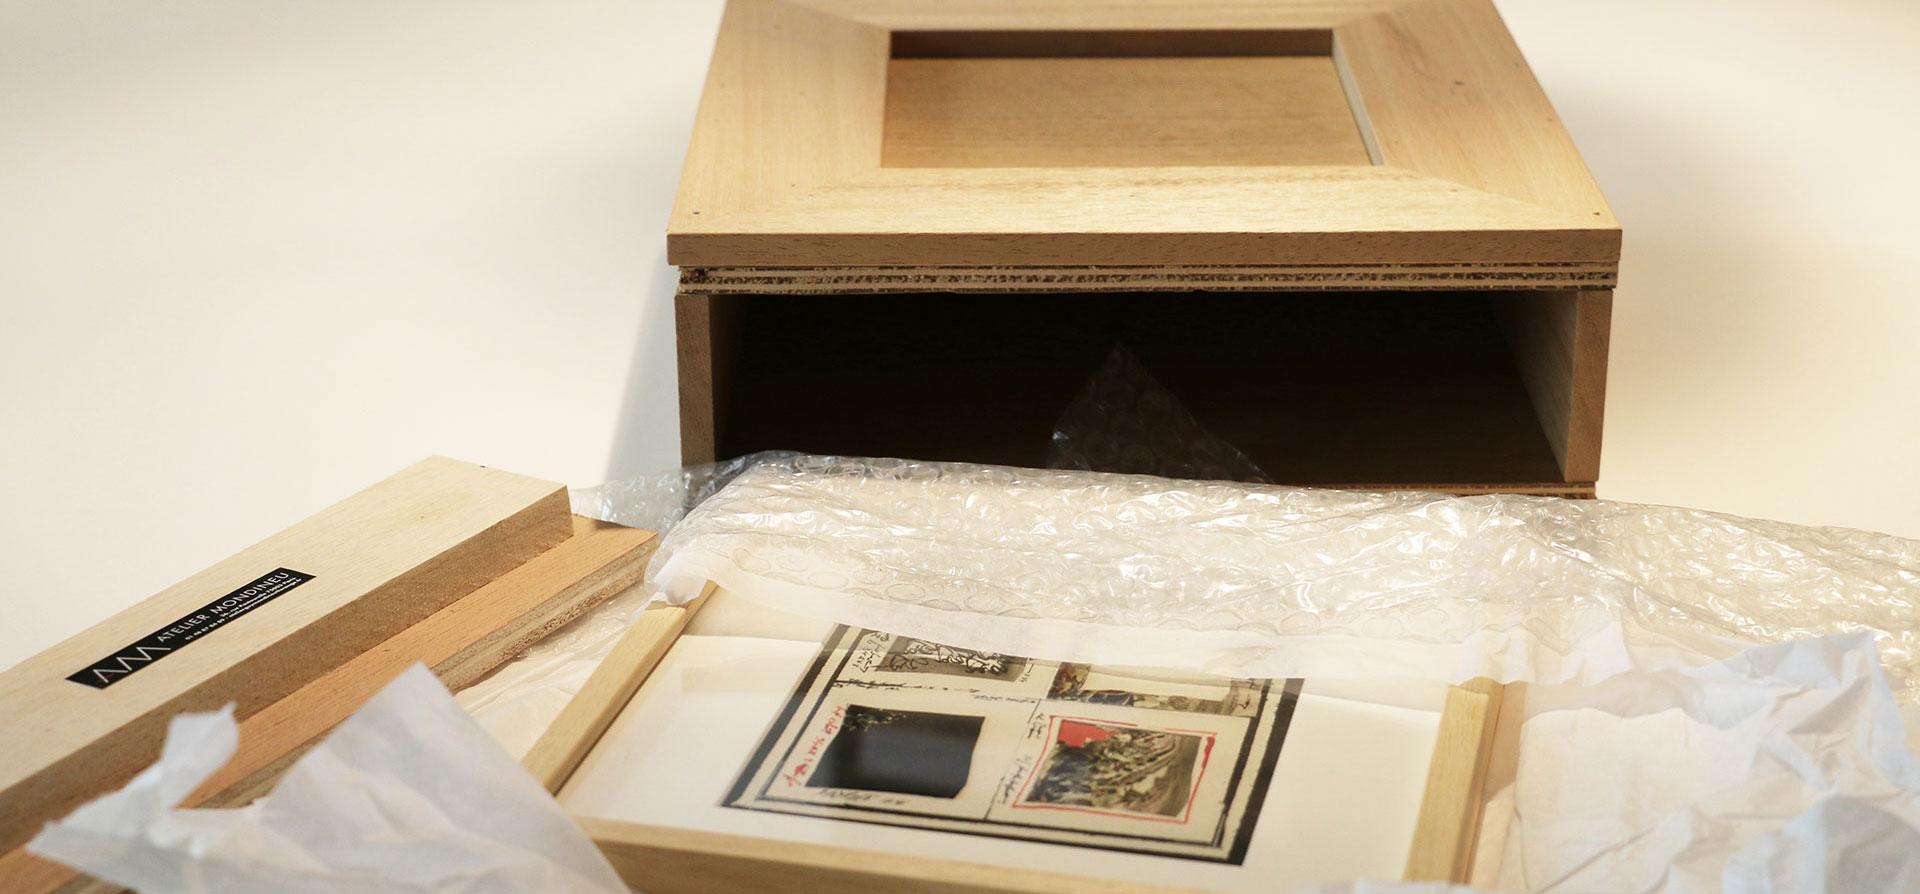 L'équipe de l'Atelier sécurise vos objets d'art lors des déplacements en les emballant professionnellement